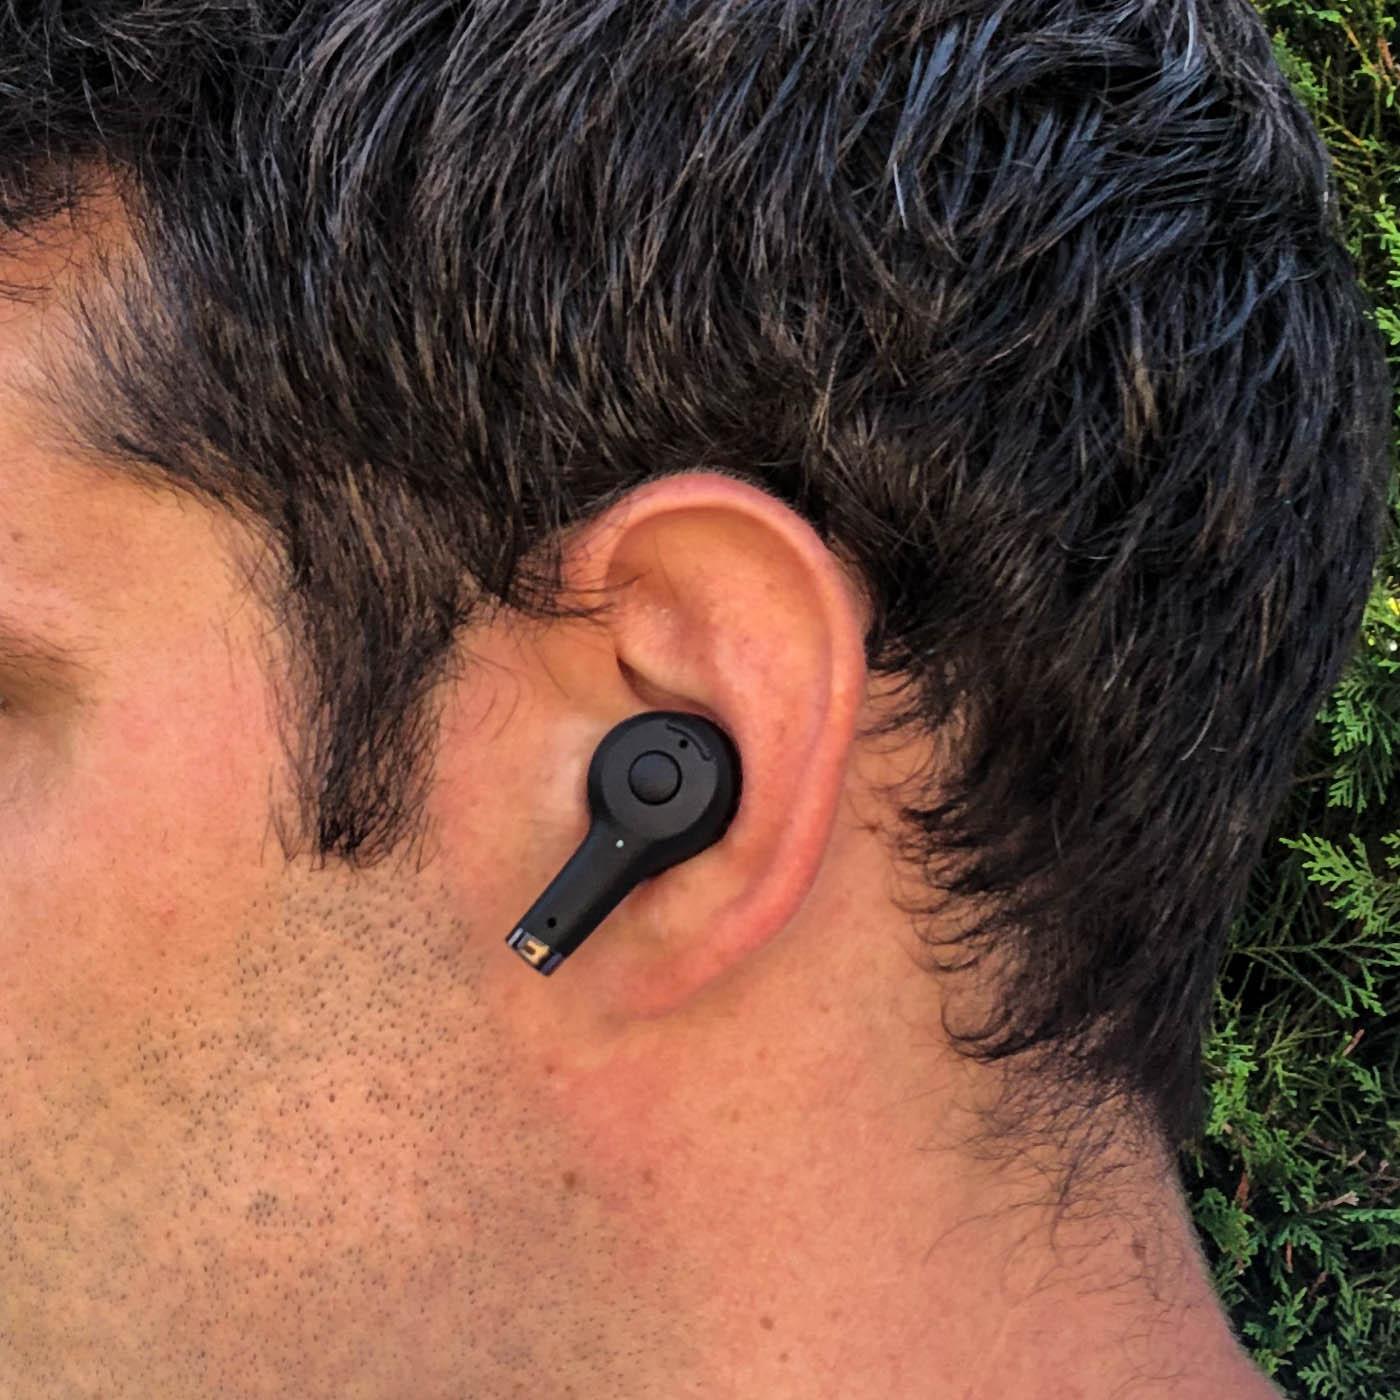 Écouteurs Sudio ETT portés aux oreilles